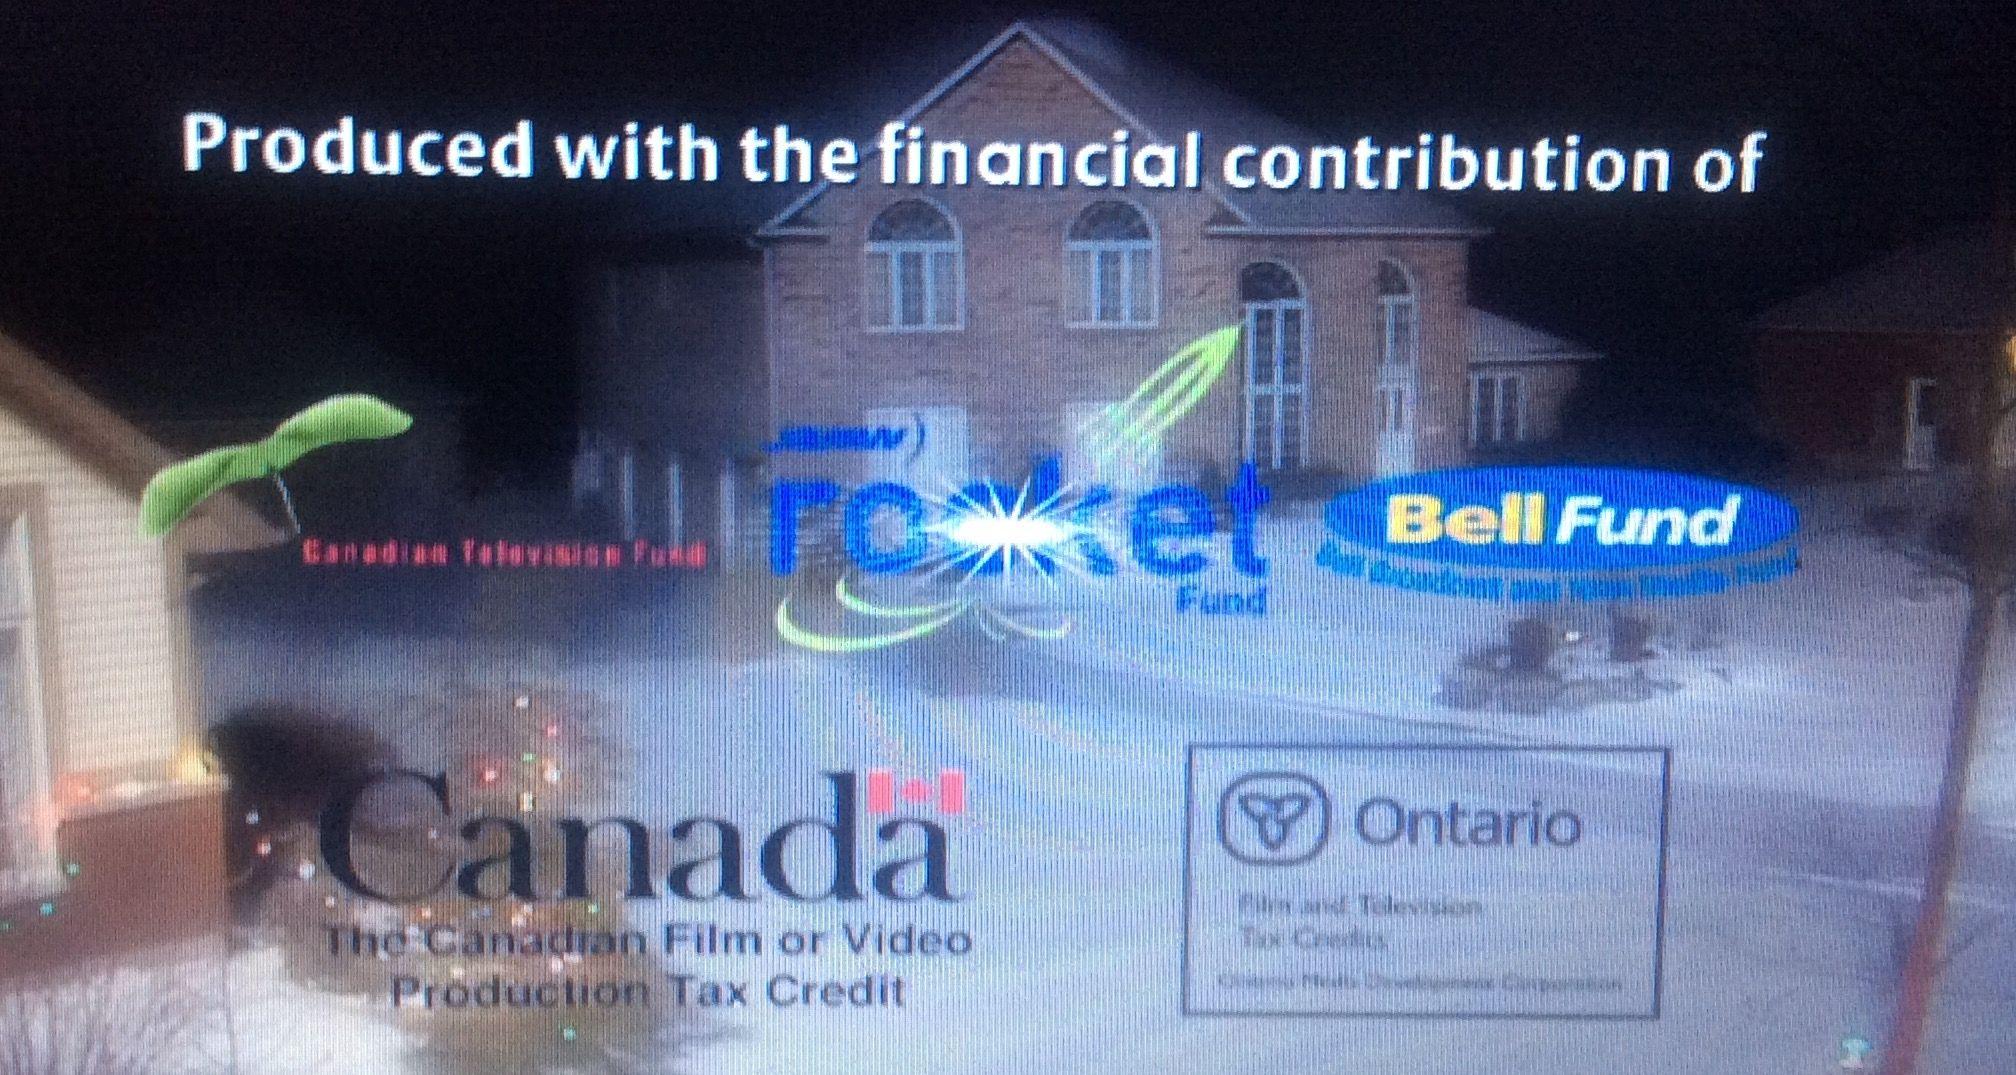 Credits Rocket Fund Shaw